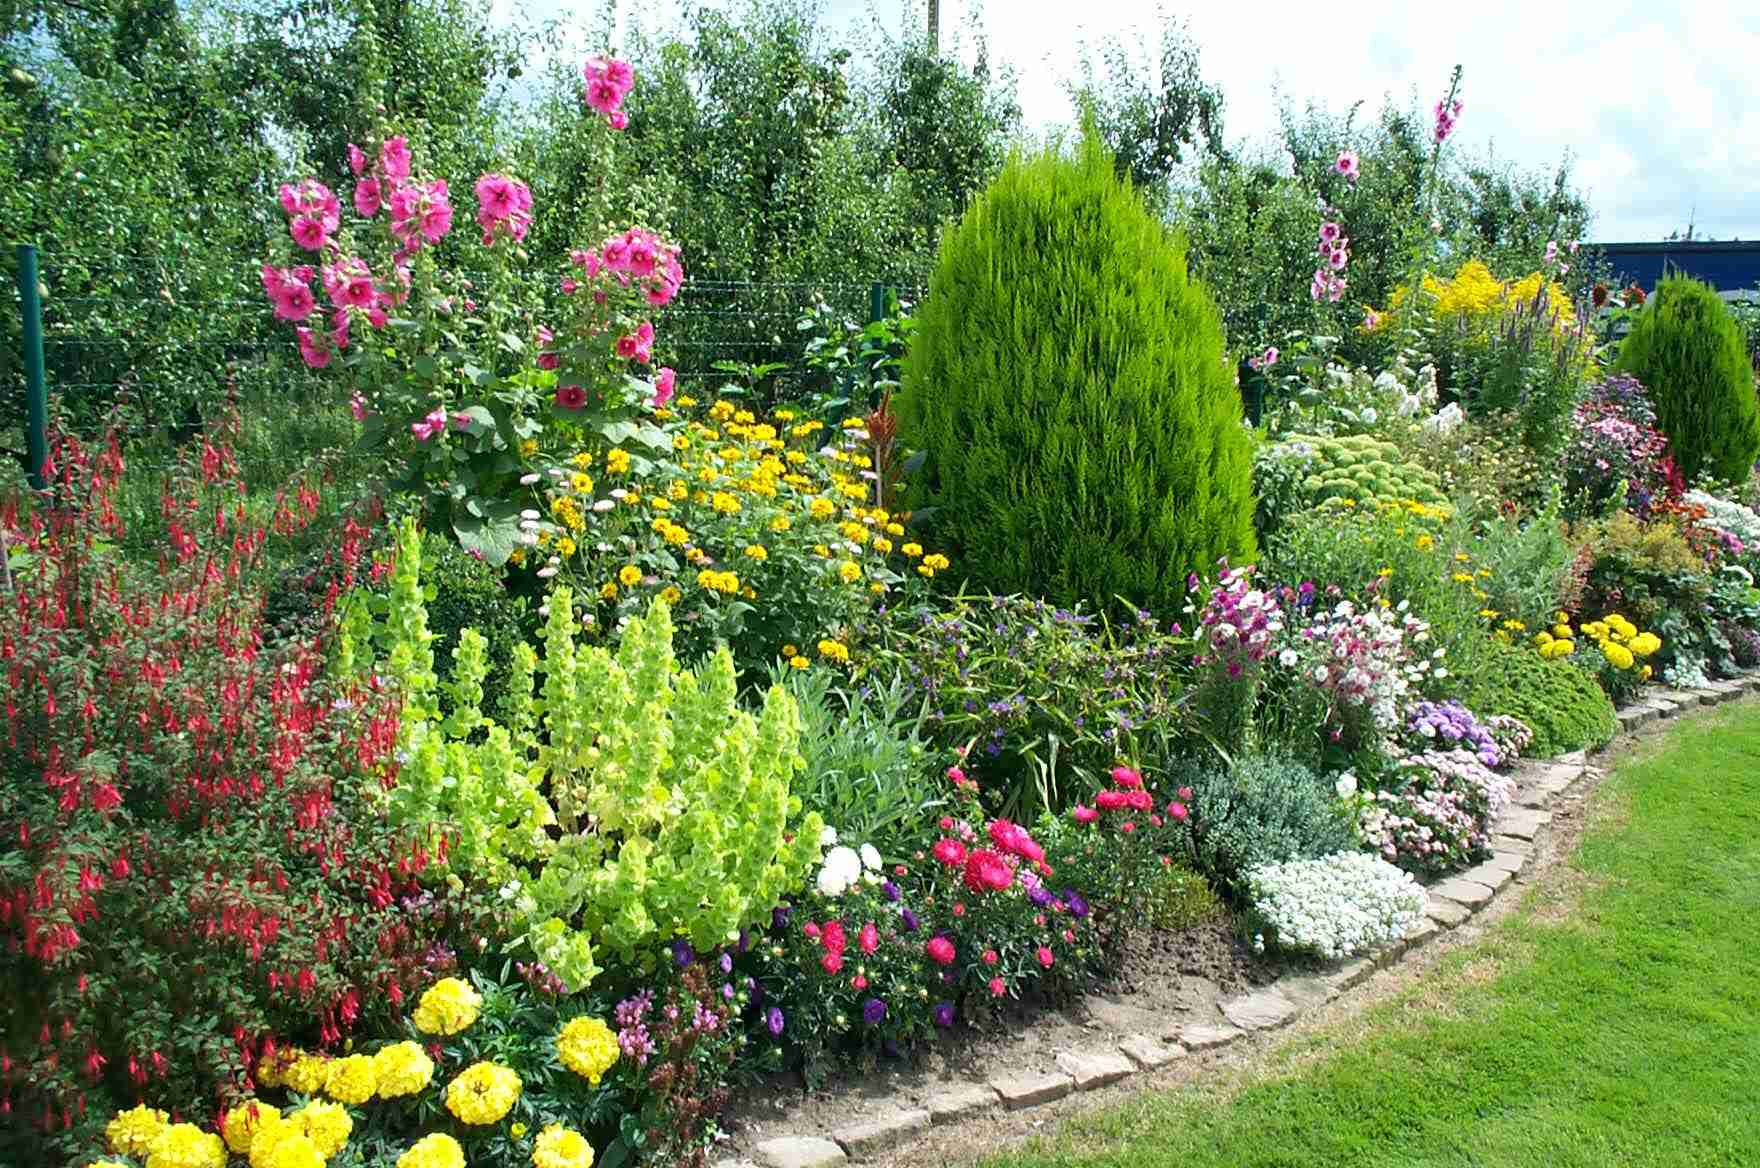 Opentuinen 2002 for Ideeen voor tuin